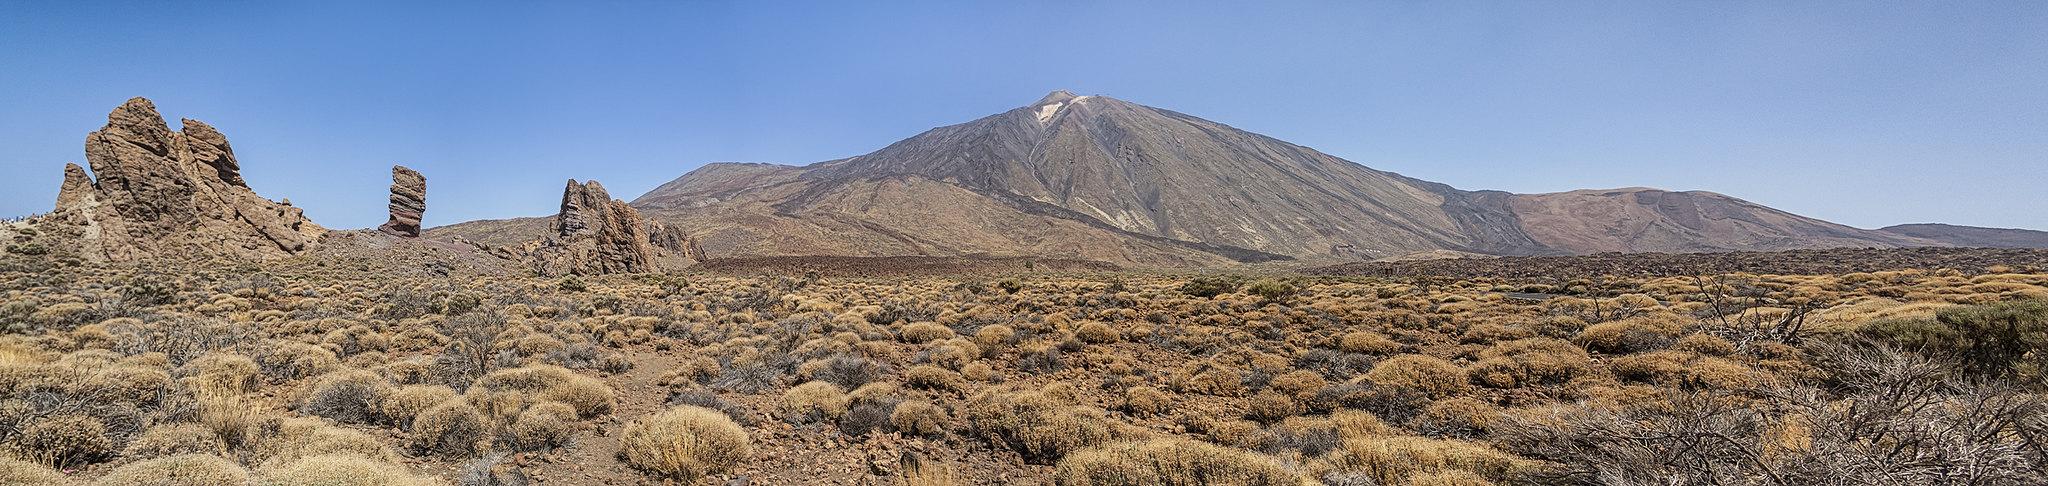 Panorámica a los pies del Teide, por Sergio Pérez Algaba